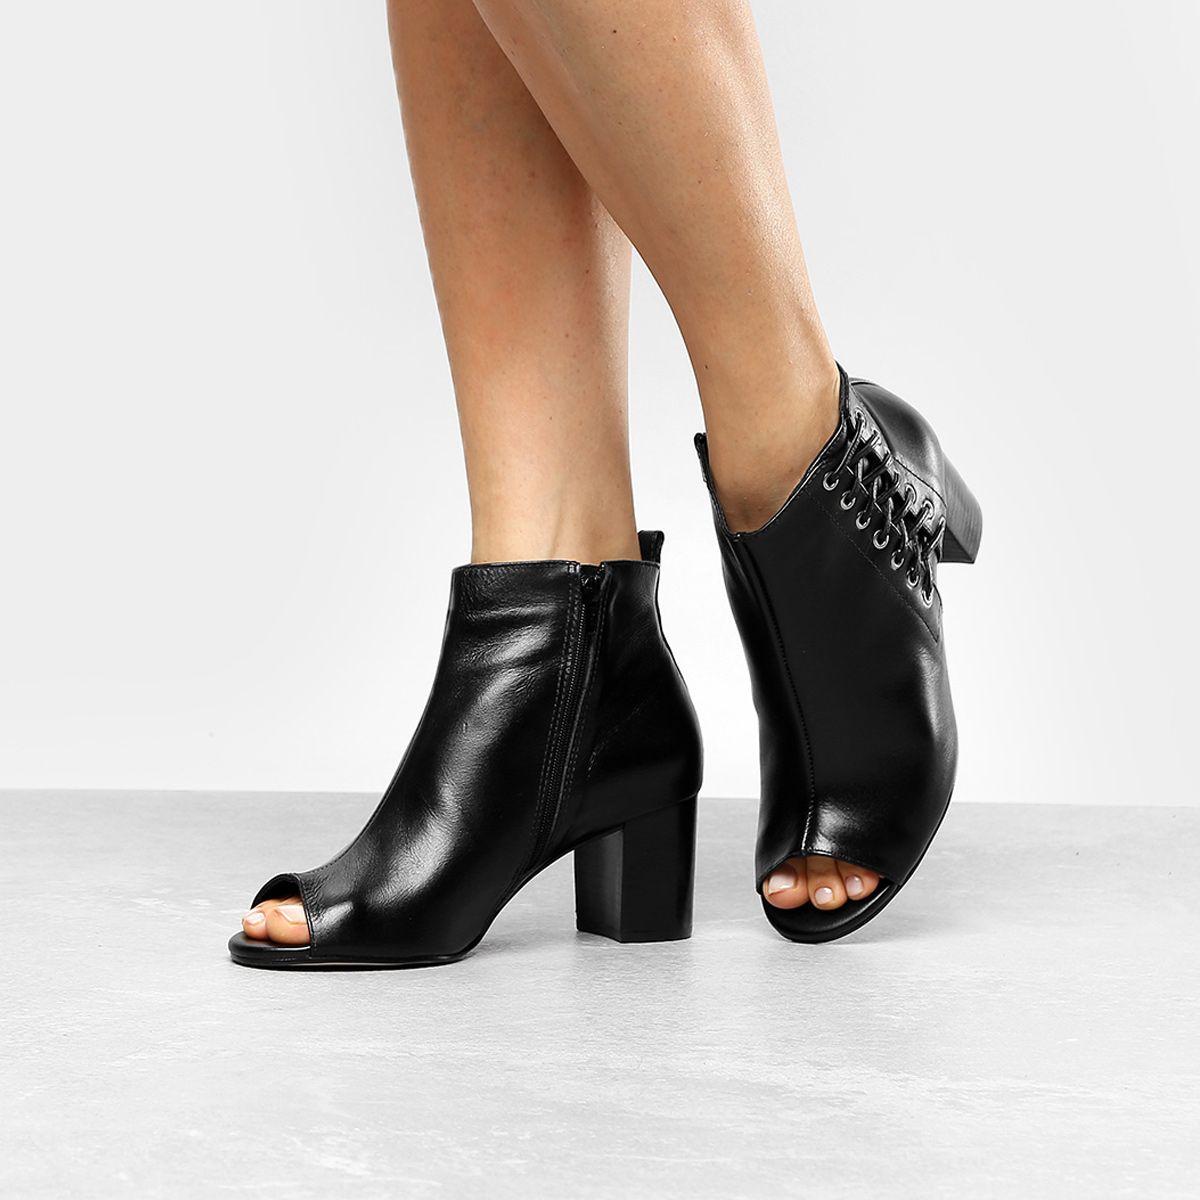 8ab54fae9 Ankle Boot Couro Shoestock Salto Grosso Tiras - Preto - Compre Agora |  Zattini